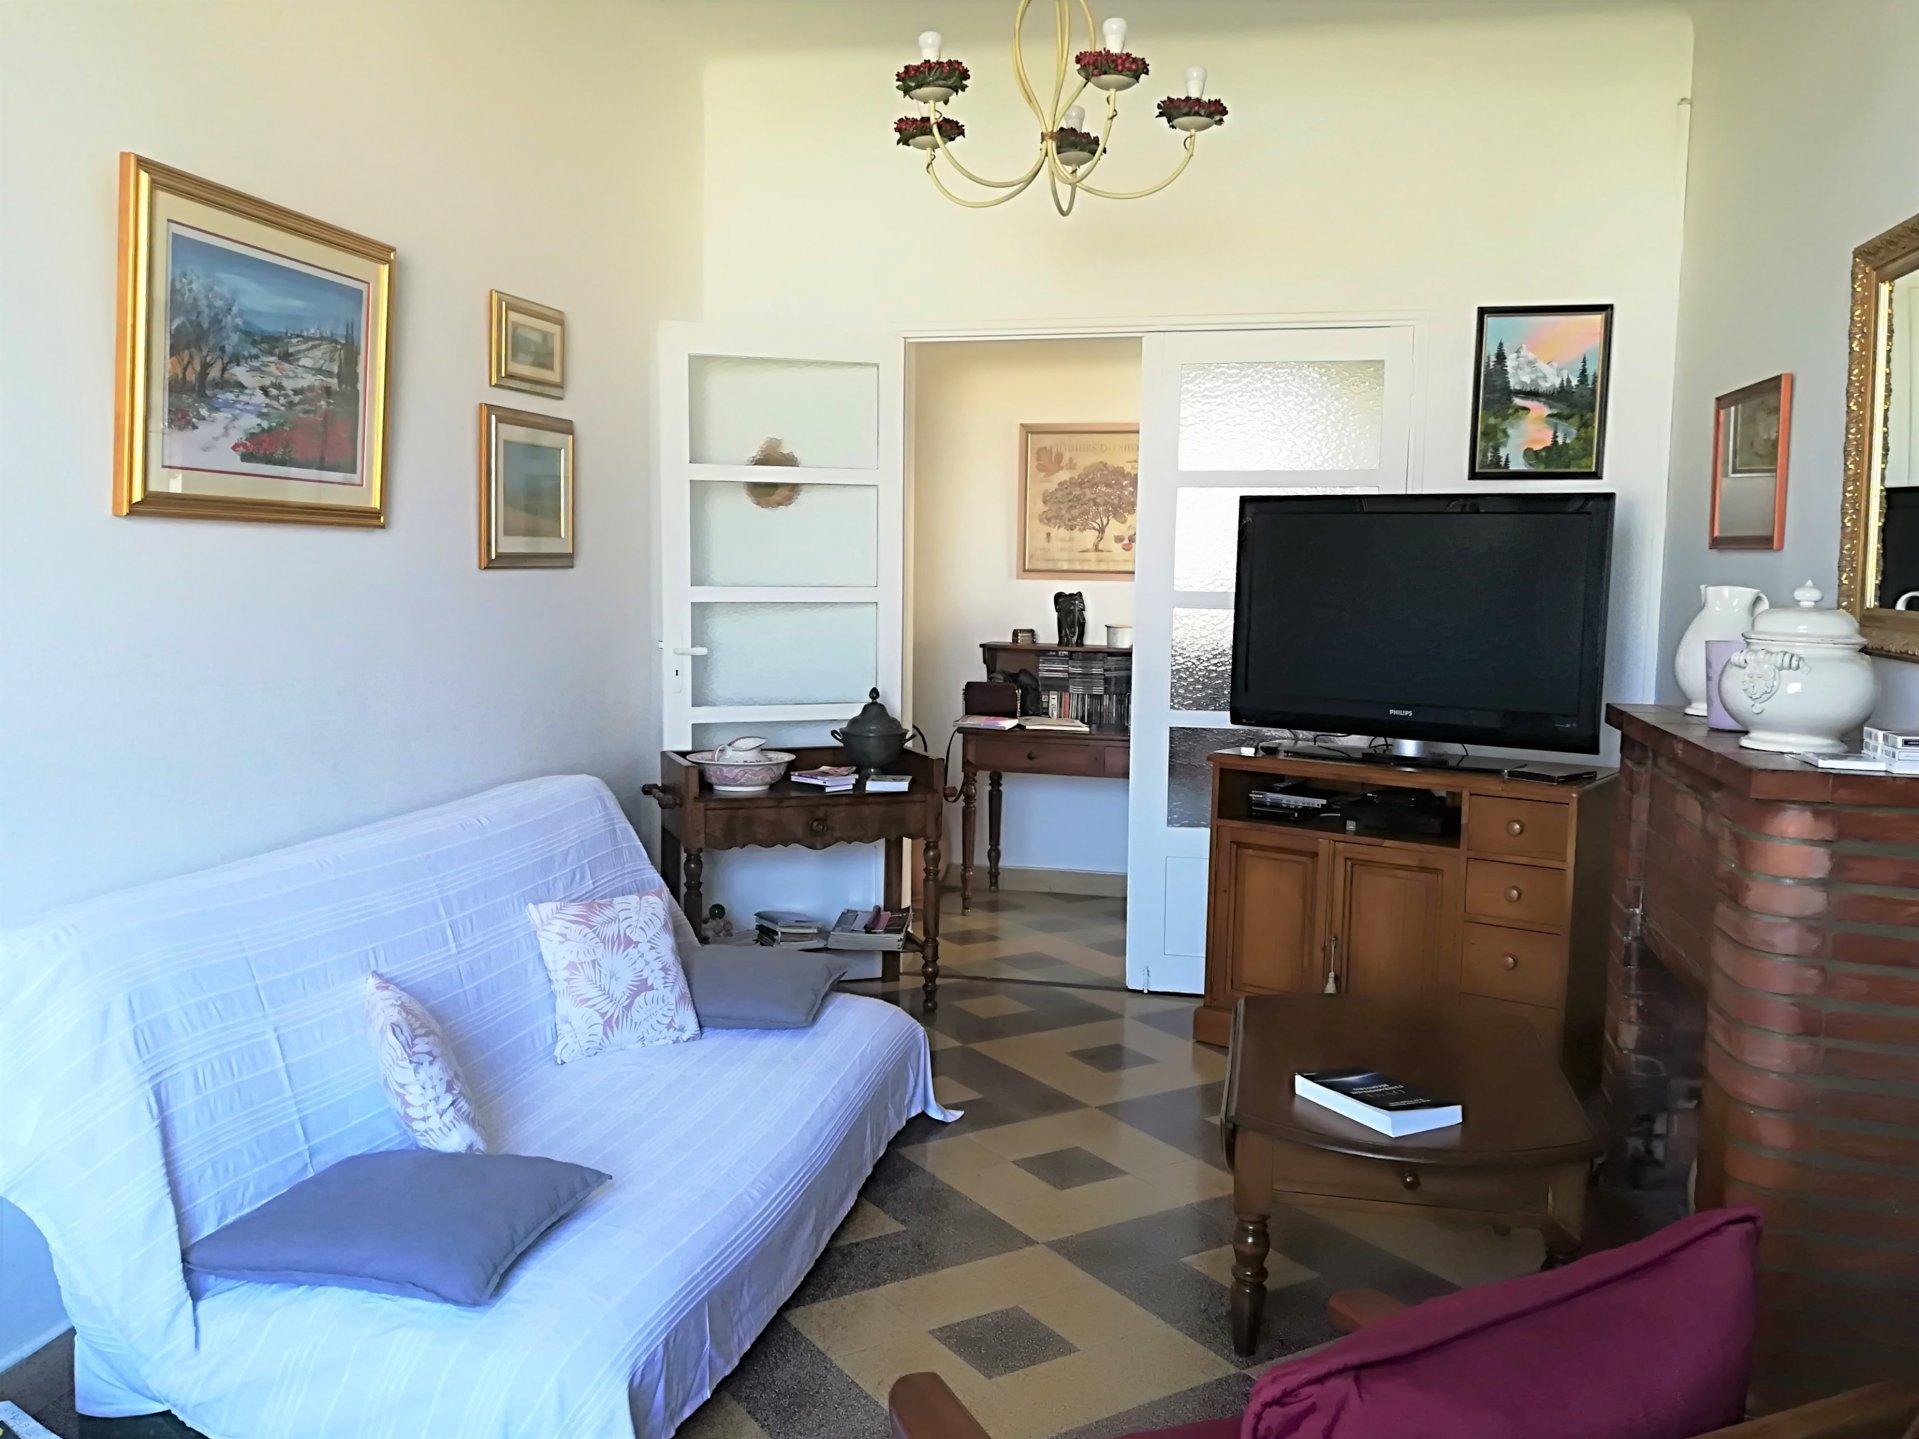 Appartement type 3 louer la ciotat - Location appartement meuble la ciotat ...